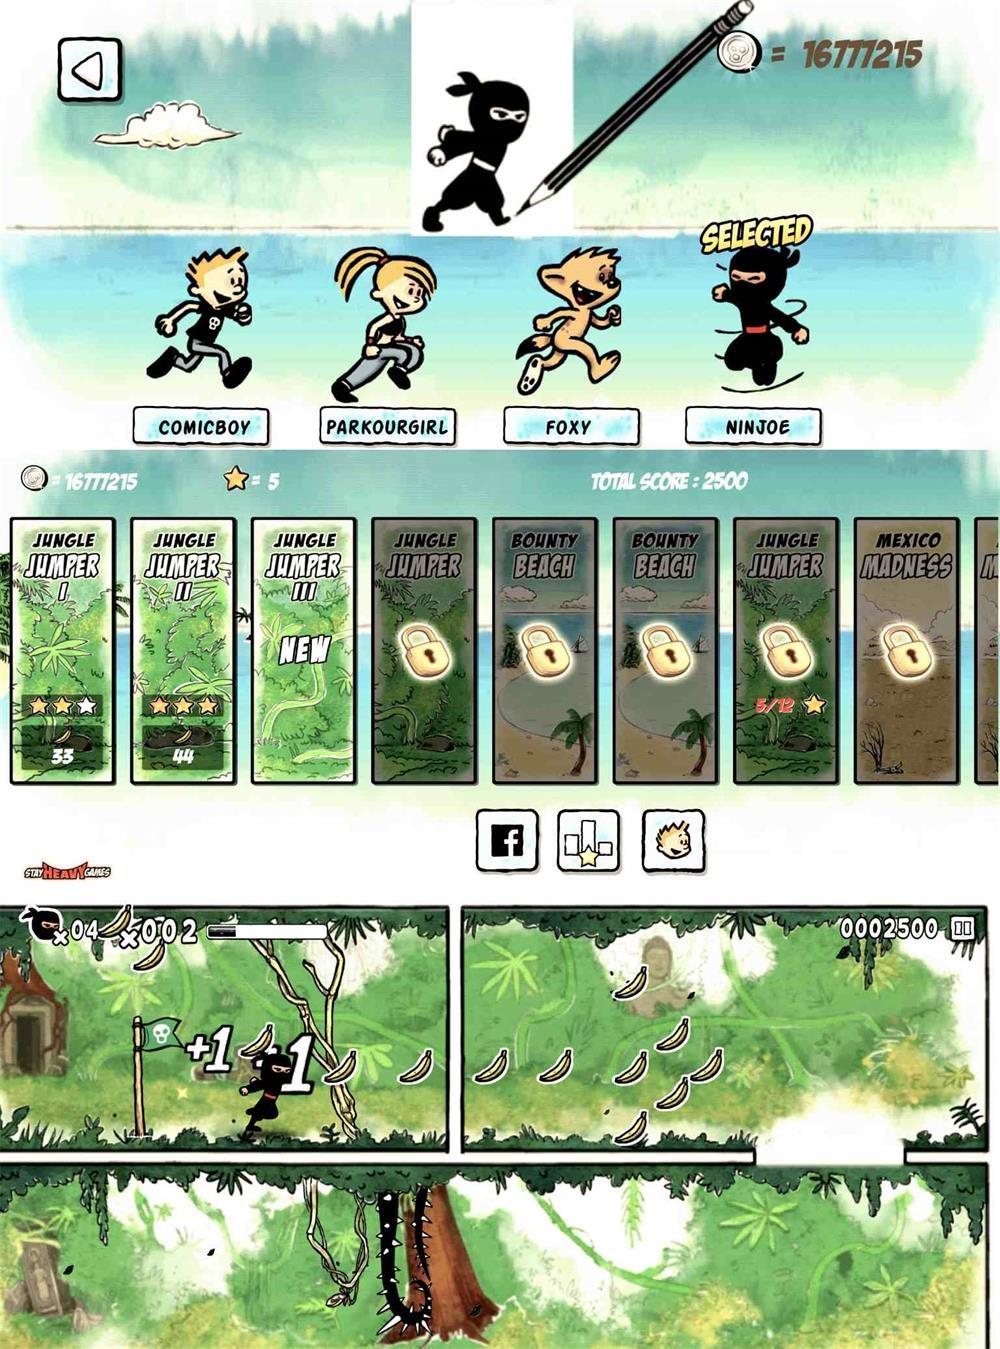 最佳动作平台游戏 漫画男孩